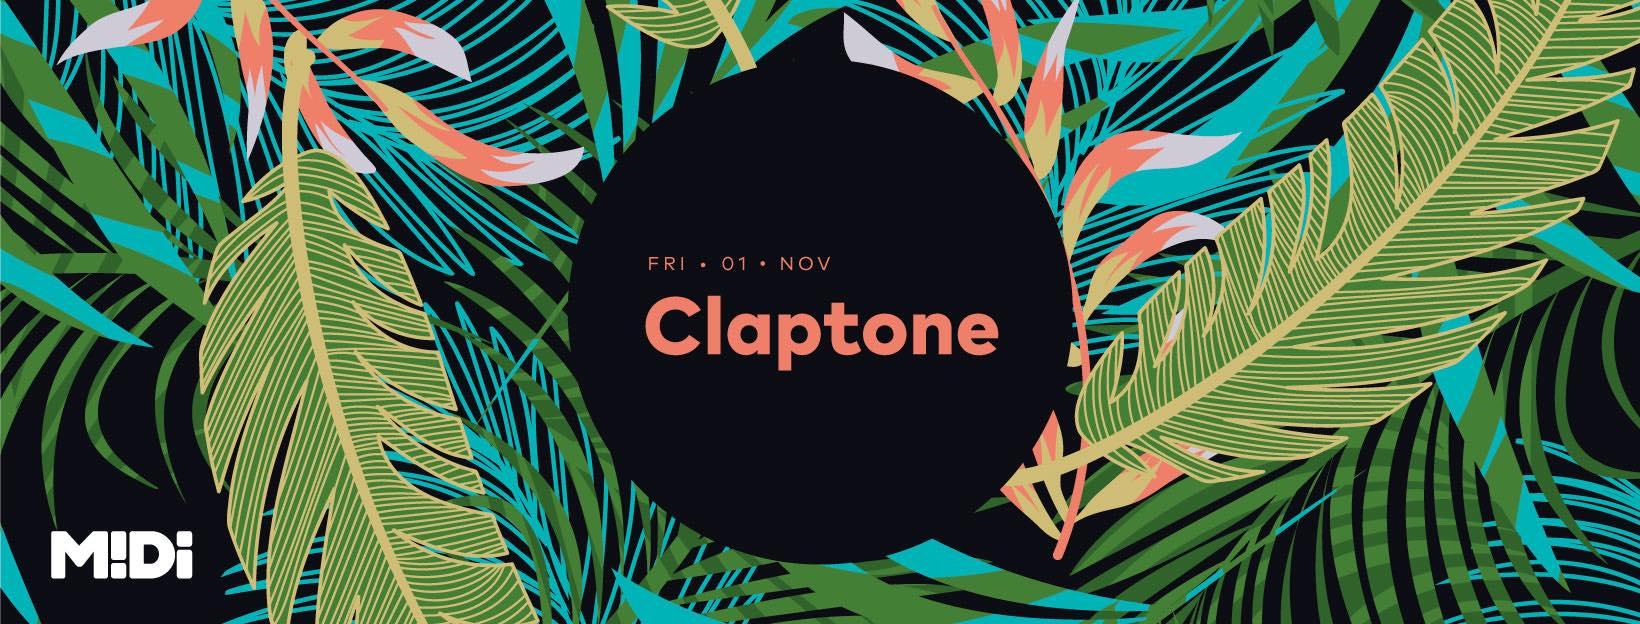 1 noiembrie: Claptone @ Club Midi